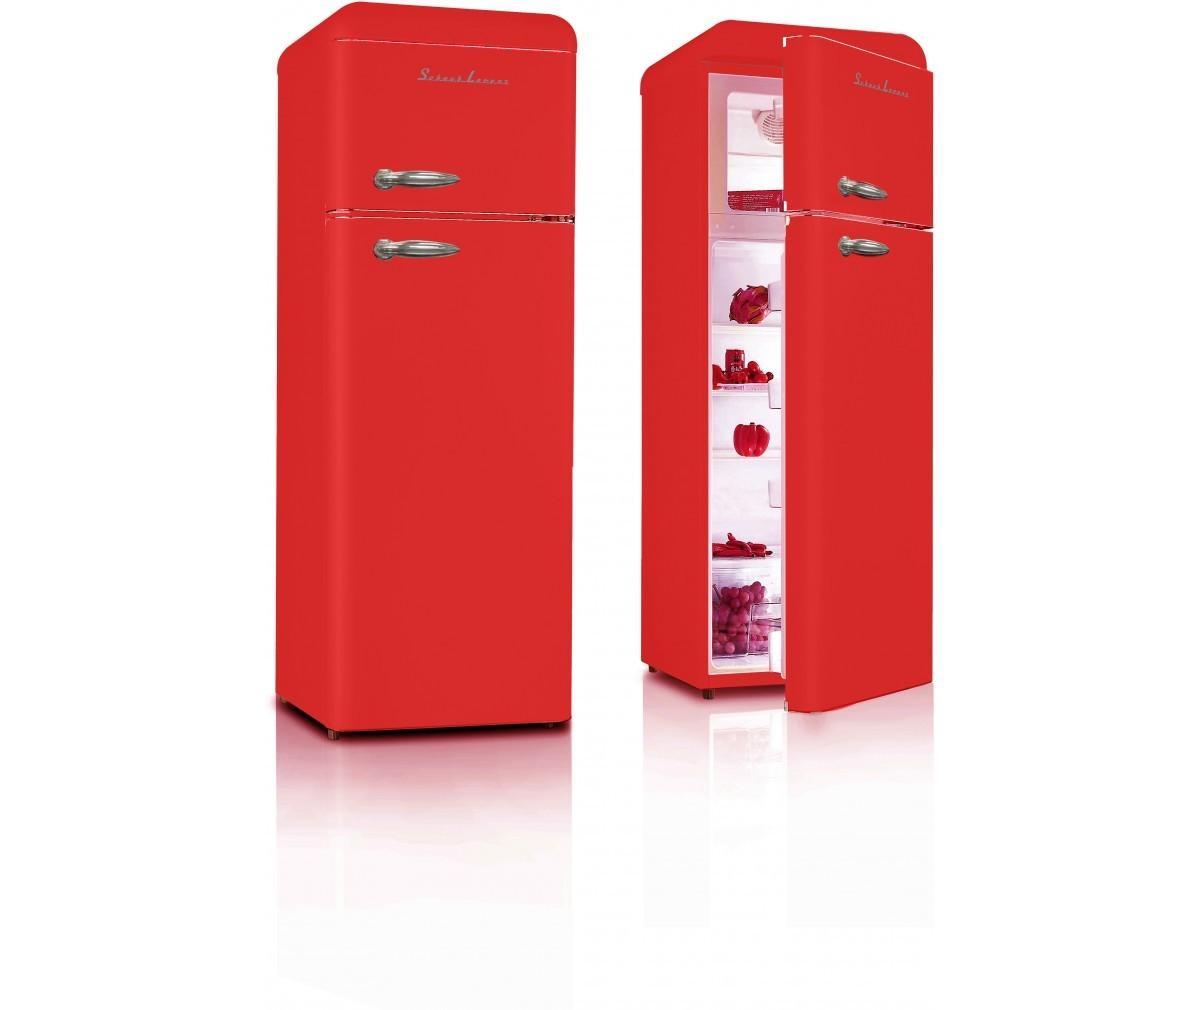 Chladnička Schaub Lorenz SL 210 FR červená lesklá + TOPINKOVAČ